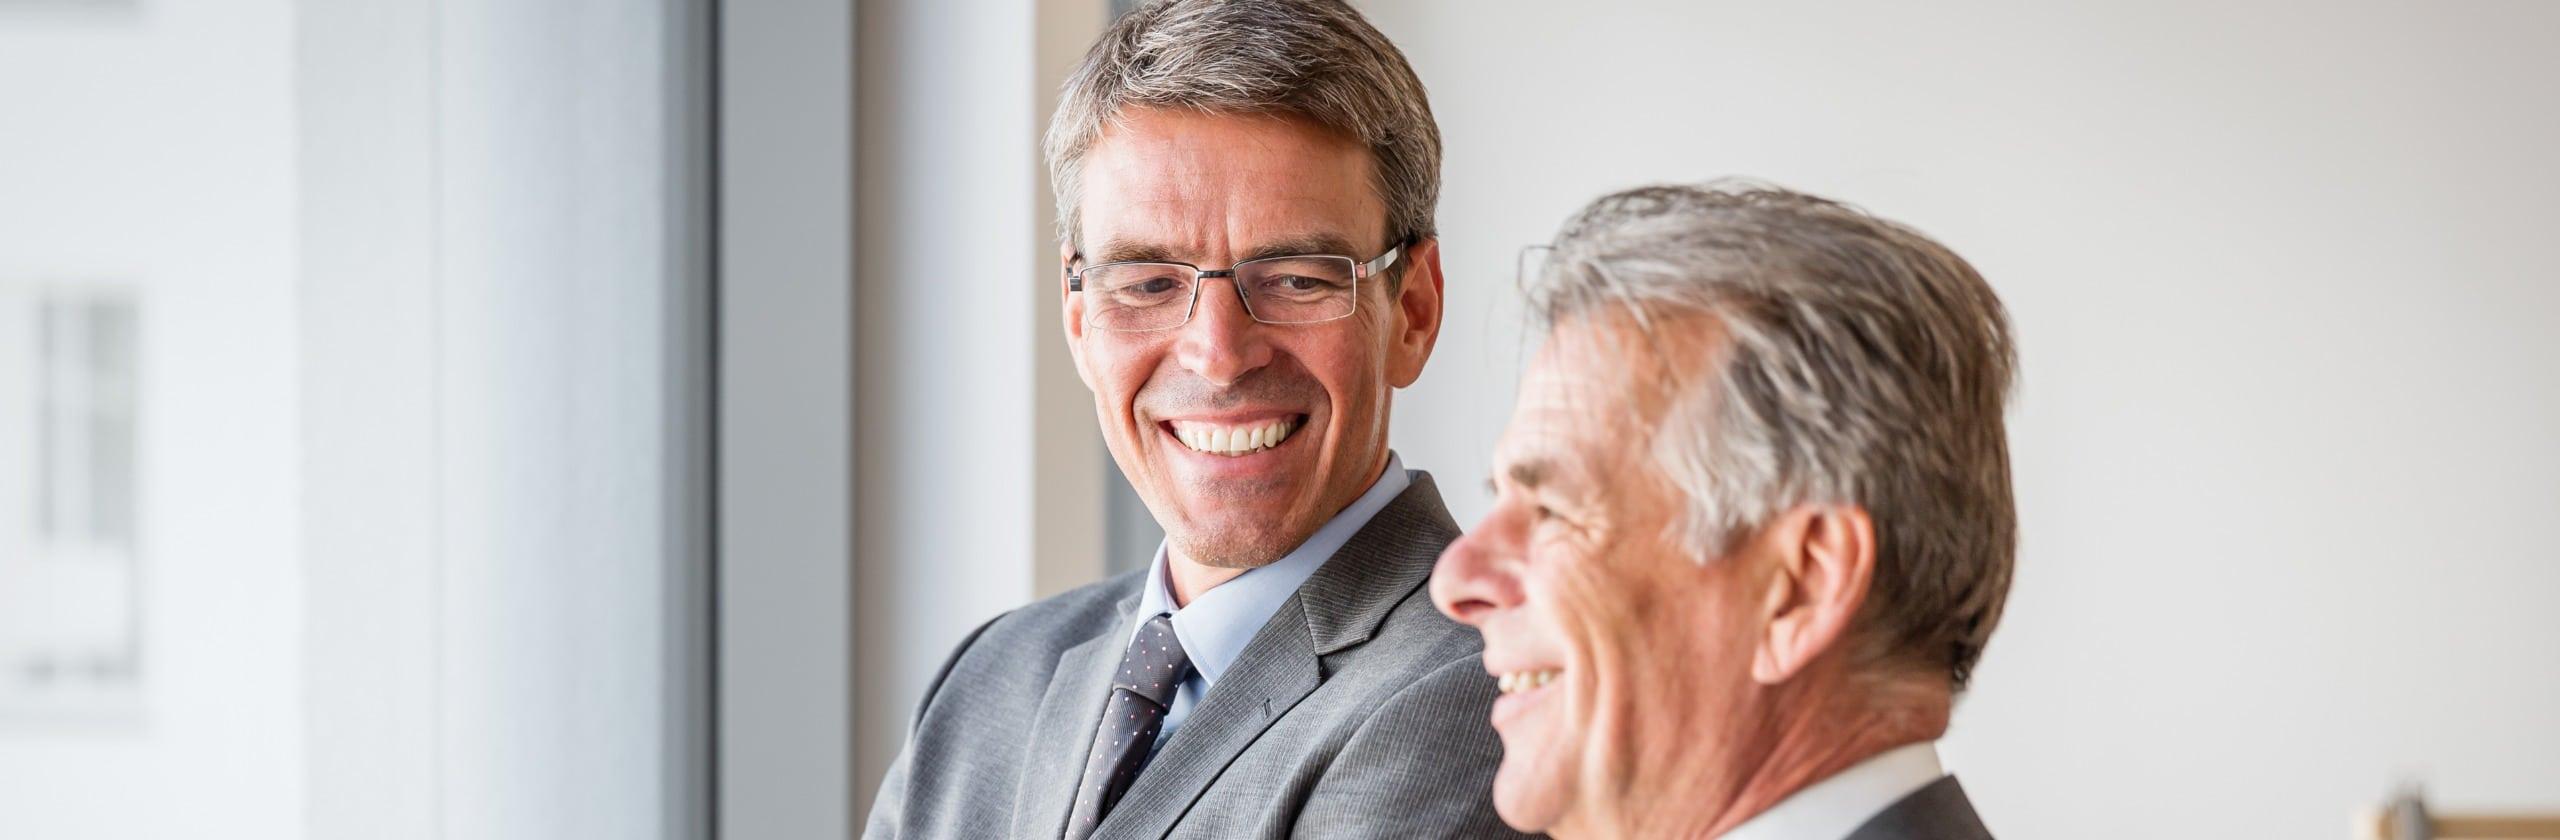 Besprechung einer GmbH Insolvenzverschleppung